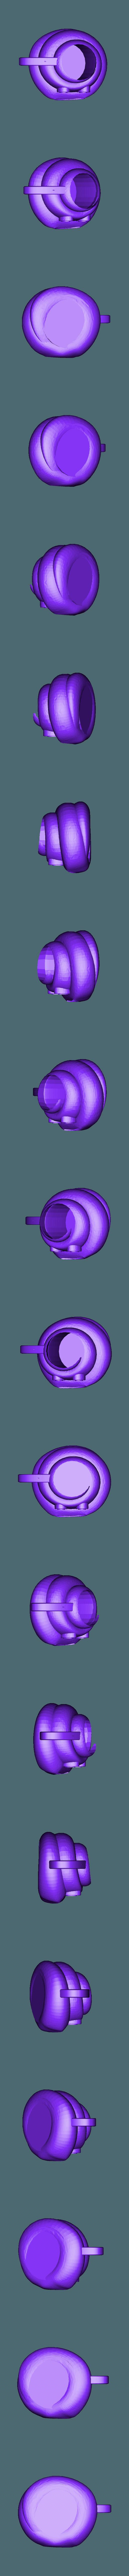 cup poop.stl Télécharger fichier STL gratuit POOP CUP • Design imprimable en 3D, christopher_fernando776